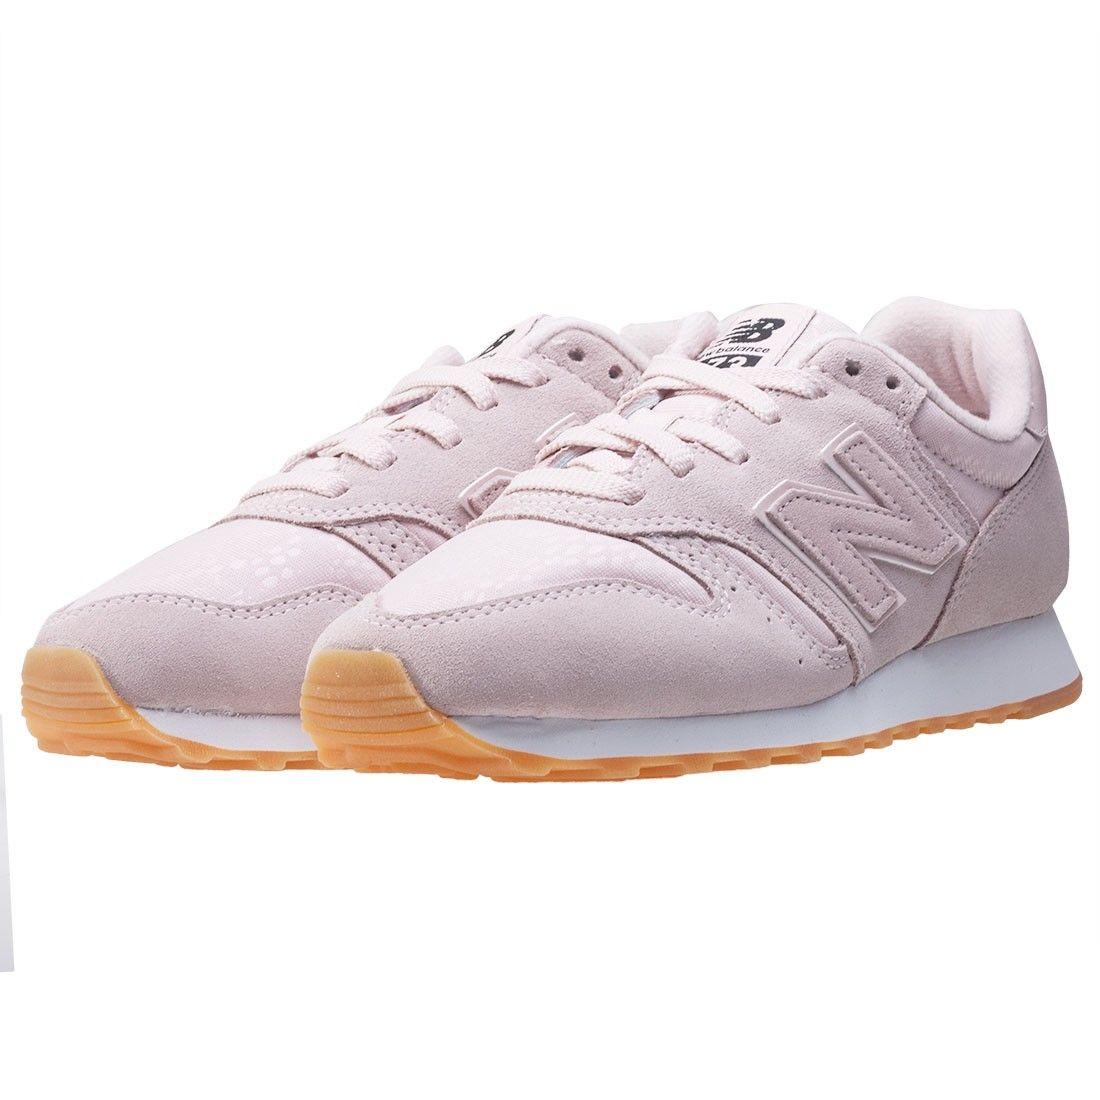 new balance 373 pink uk